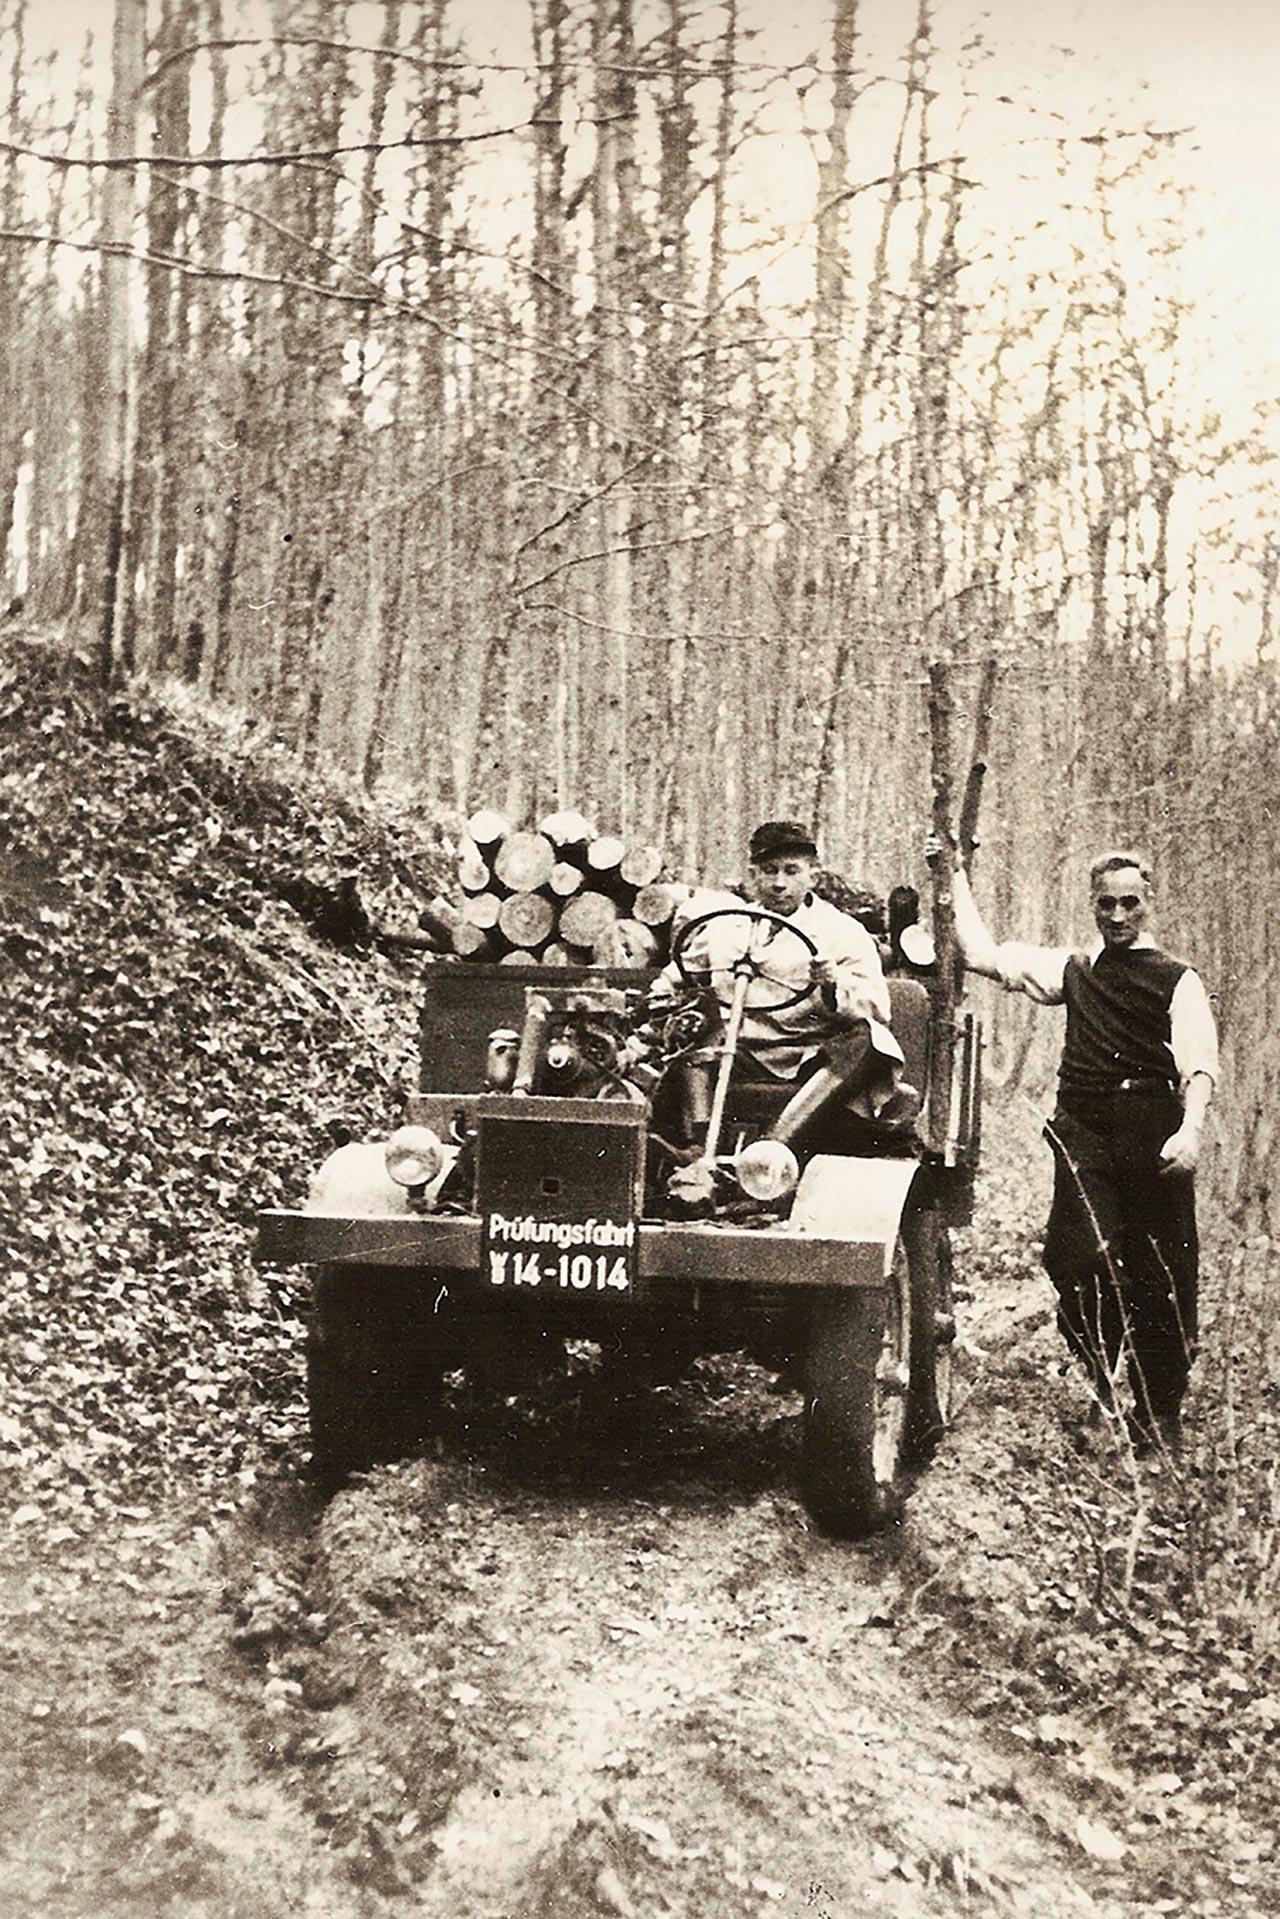 """Erste """"Prüffahrt"""", noch ohne Fahrerhaus, am 9. Oktober 1946. Chefkonstrukteur Heinrich Rößler am Steuer, rechts Hans Zabel, der Namensgeber des Unimog"""